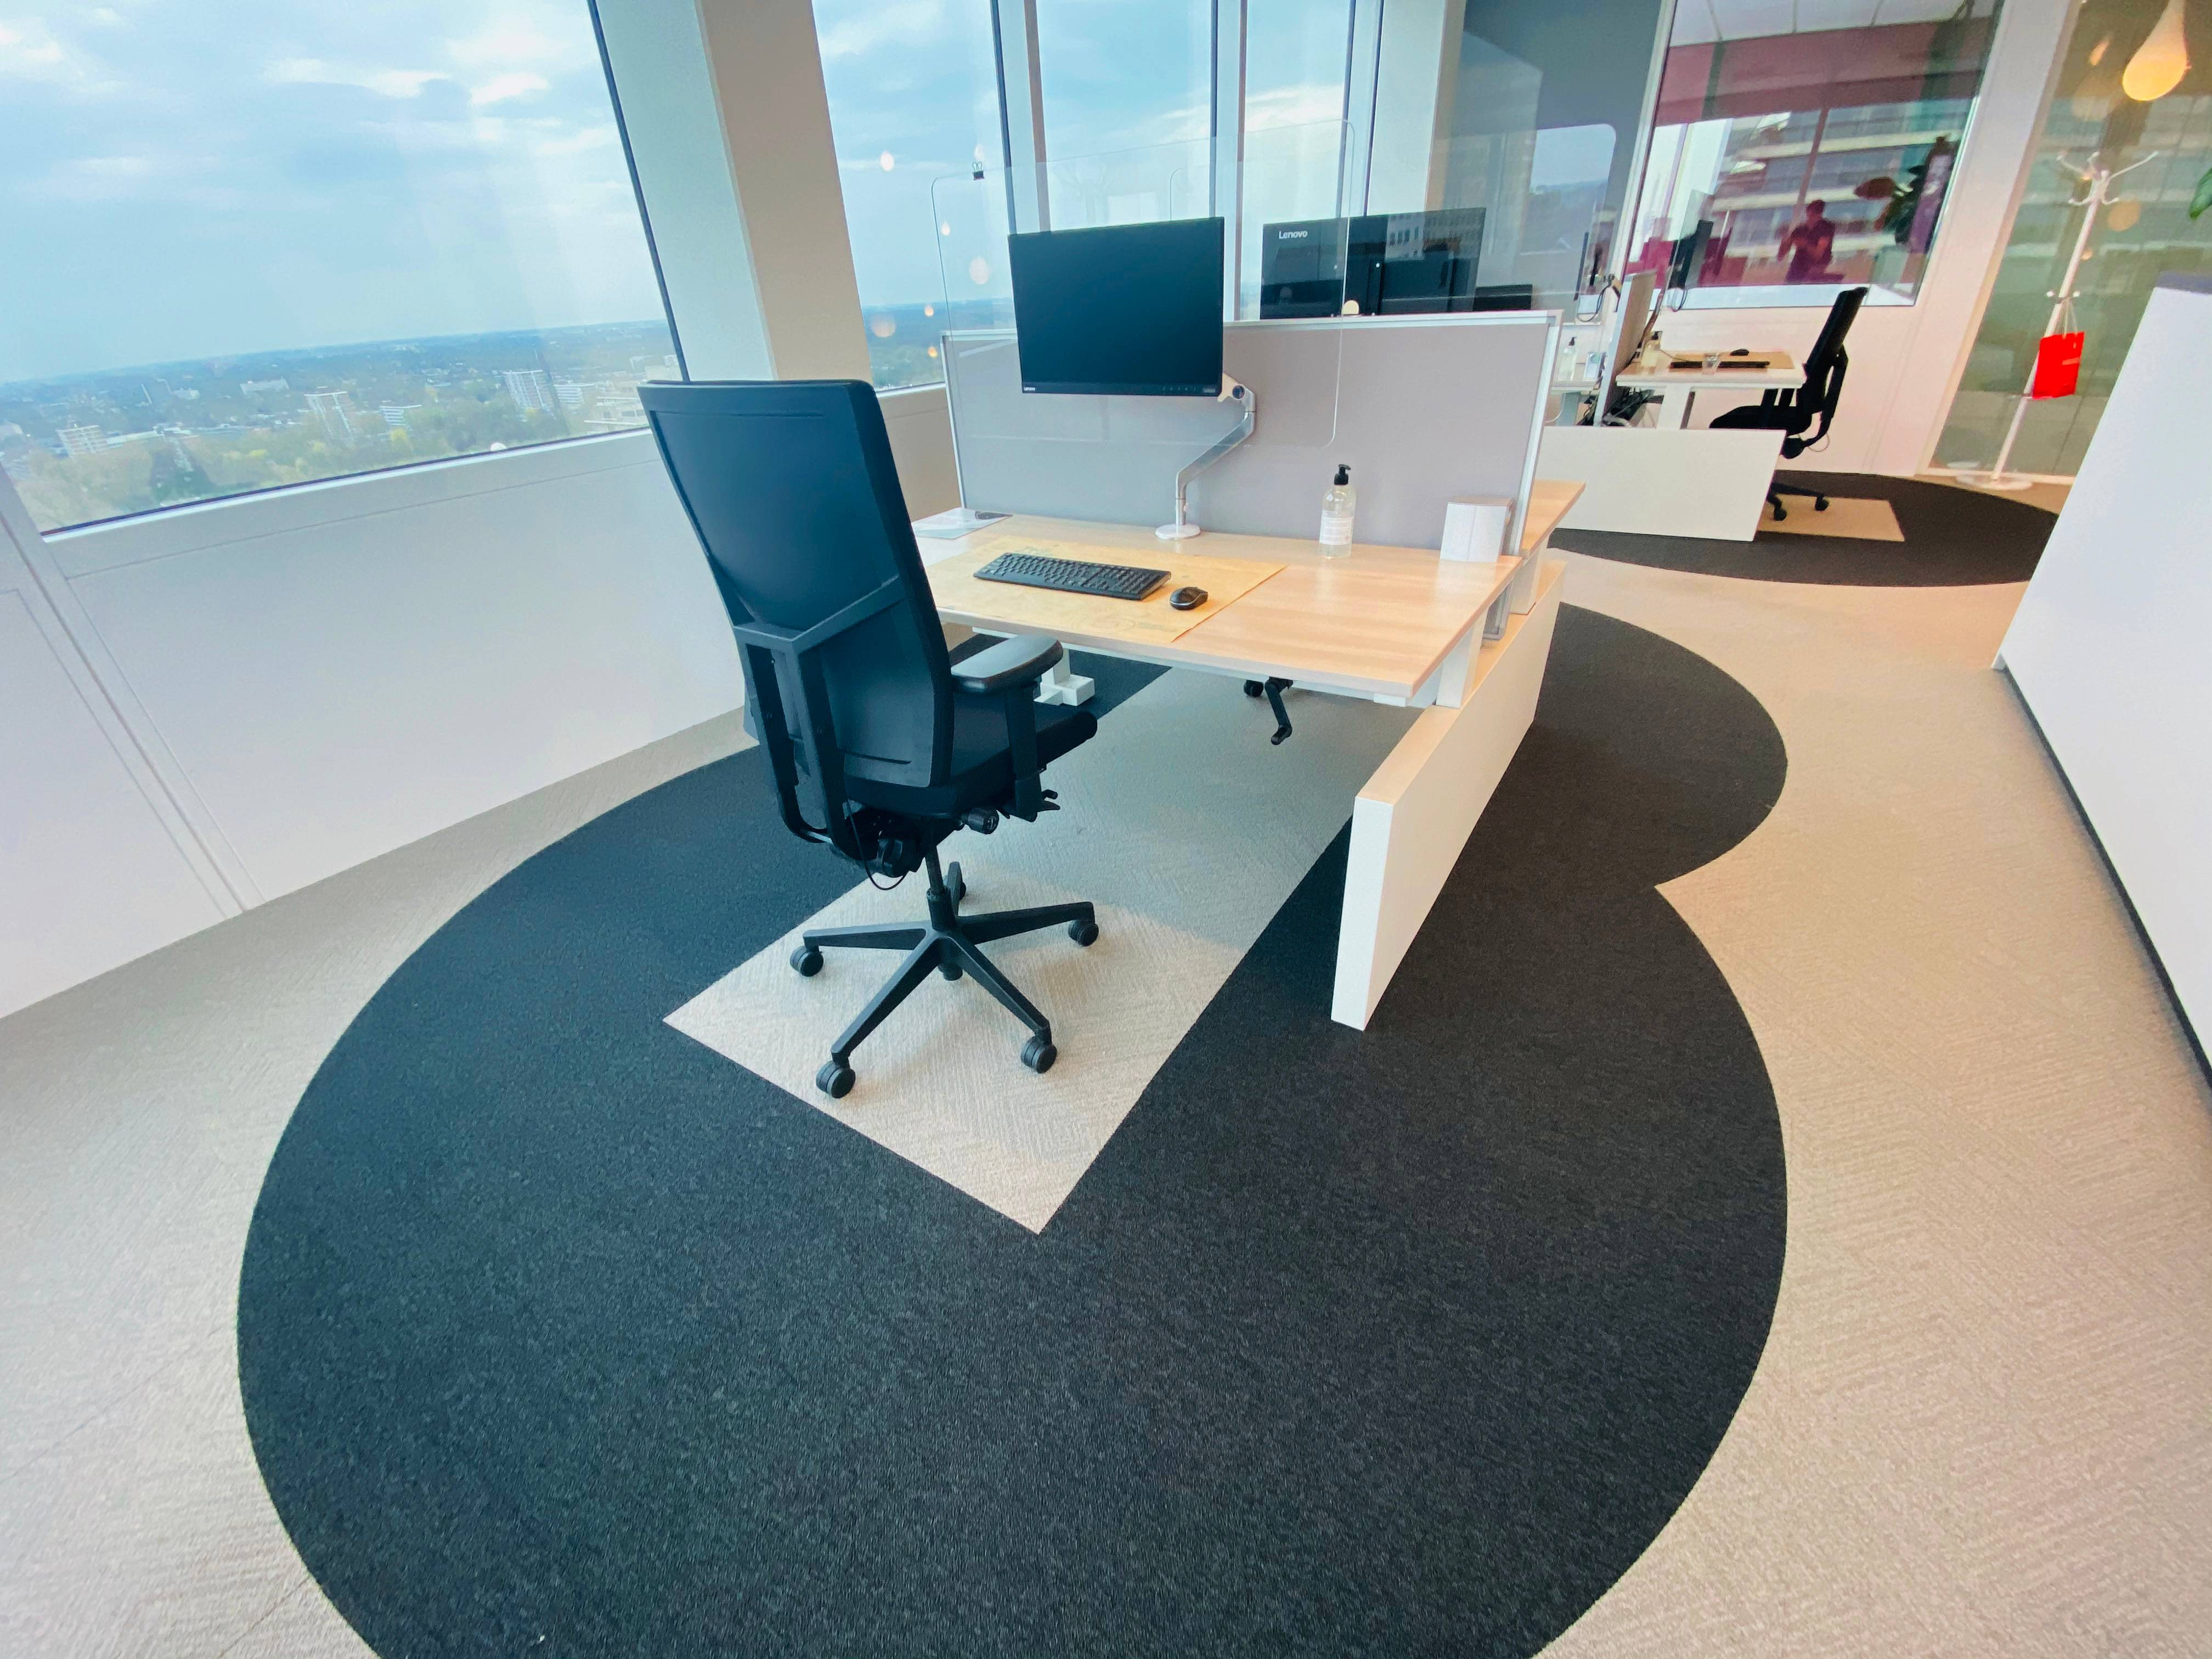 Projeto Six Feet Office, na Holanda, de Cushman & Wakefield, propõe que trabalhadores fiquem sempre a dois metros de distância uns dos outros.